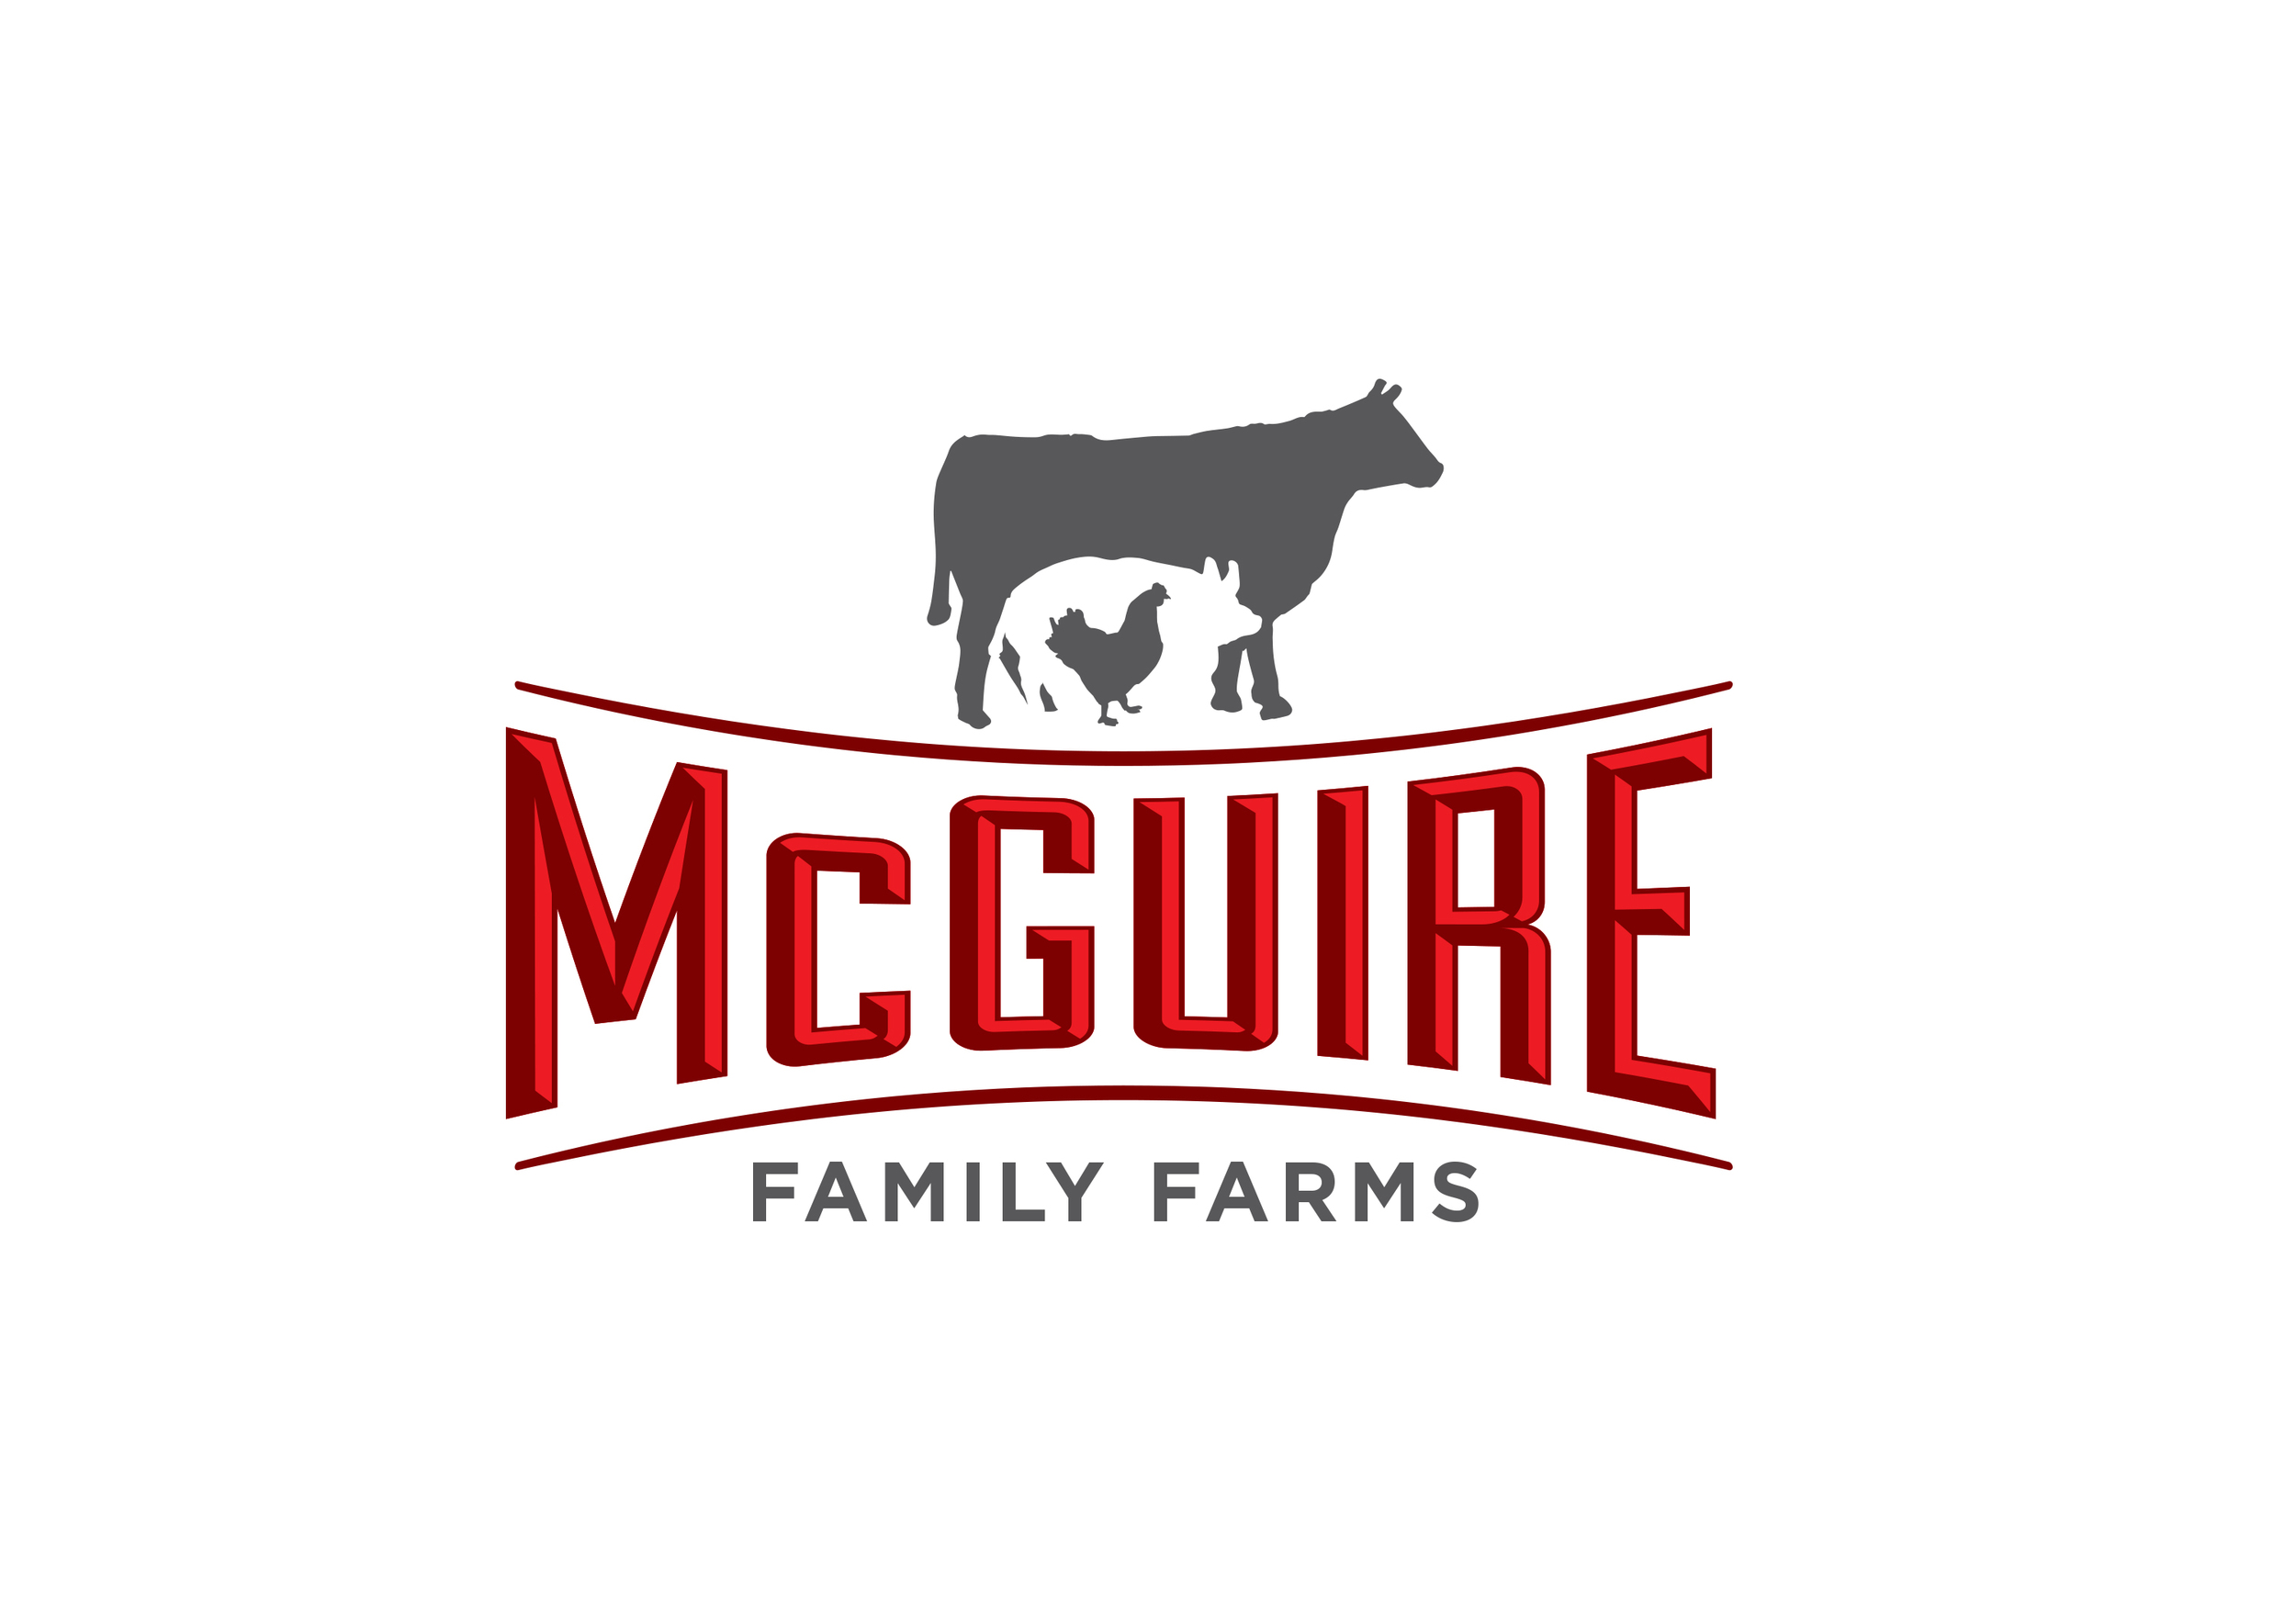 McGuireFamilyFarms_logo.jpg